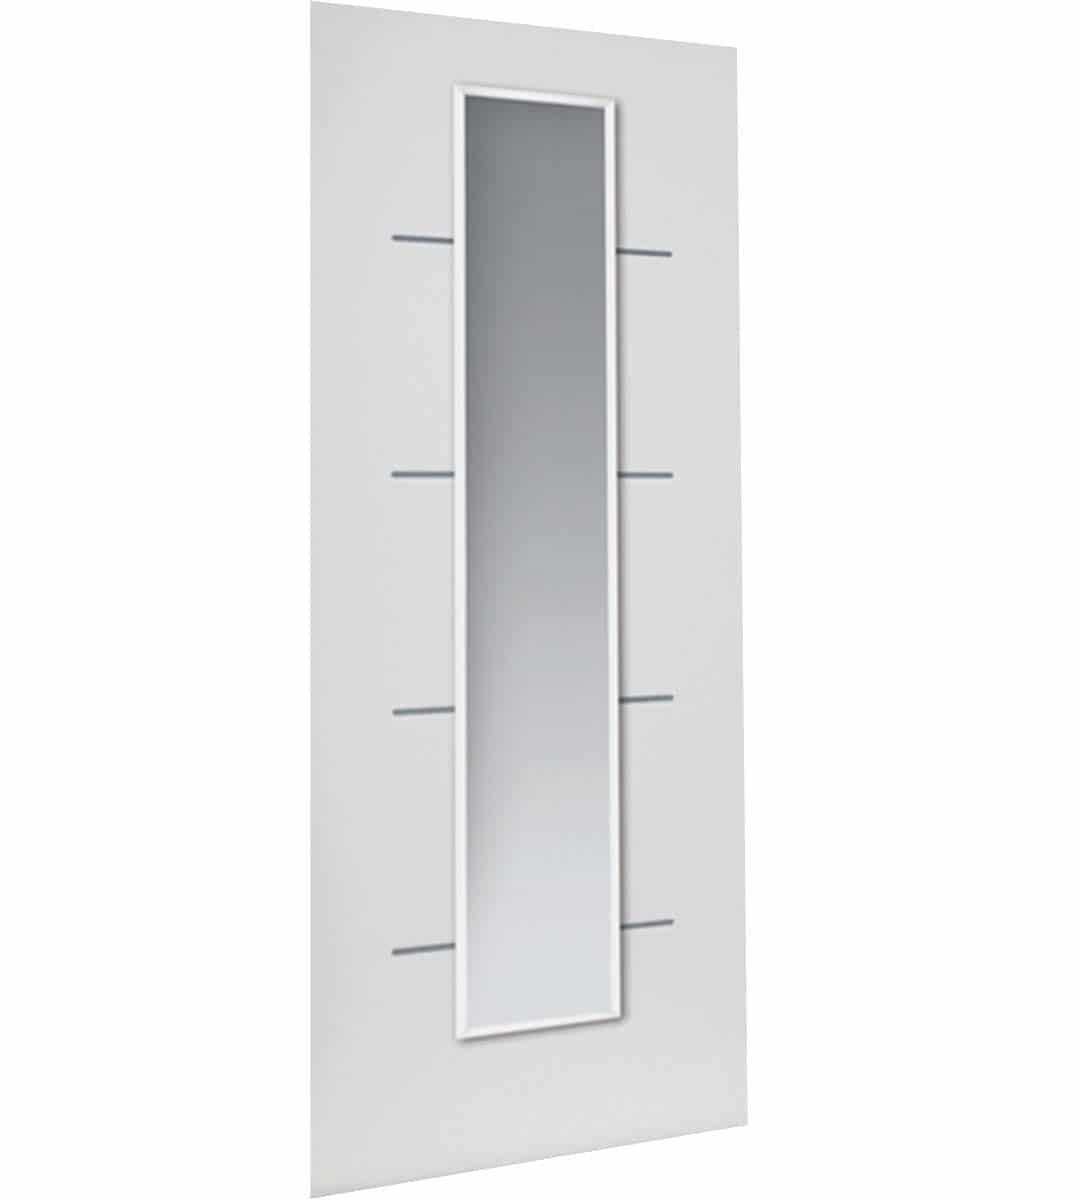 eco blanco white glass door